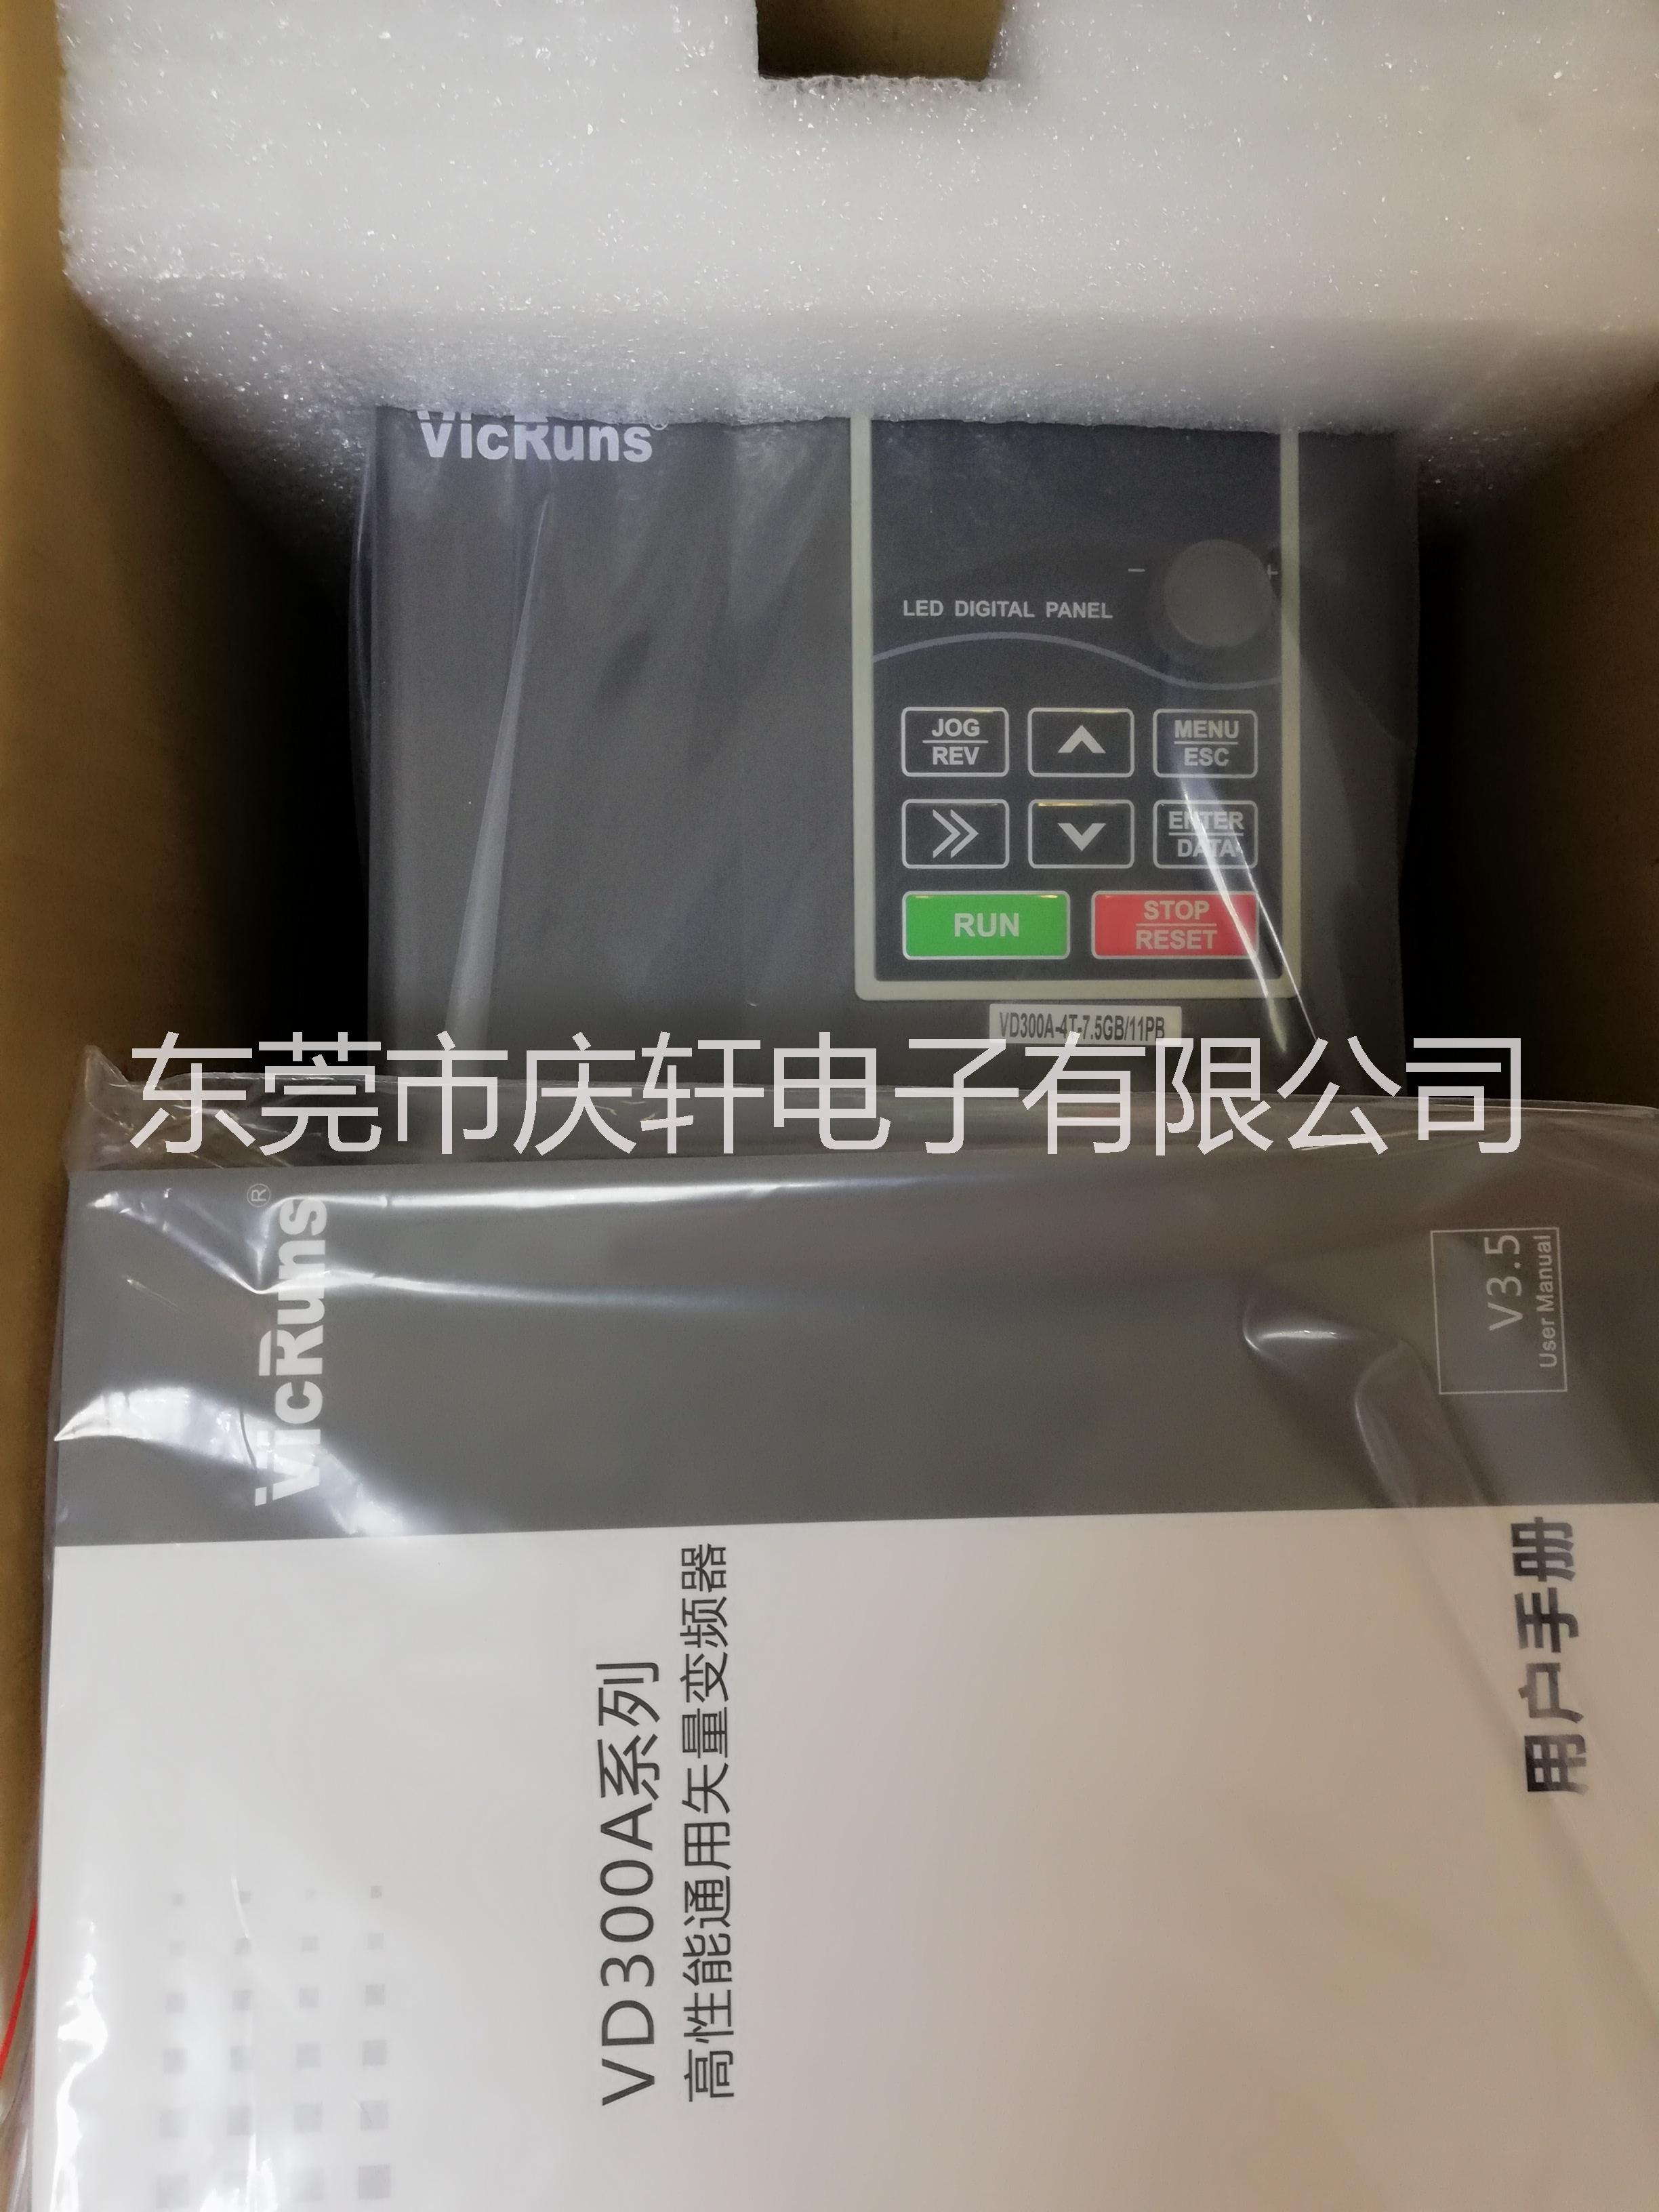 国产变频器沃森马达调速器VD300A-4T-7R5GB(三相380V、7.5KW)